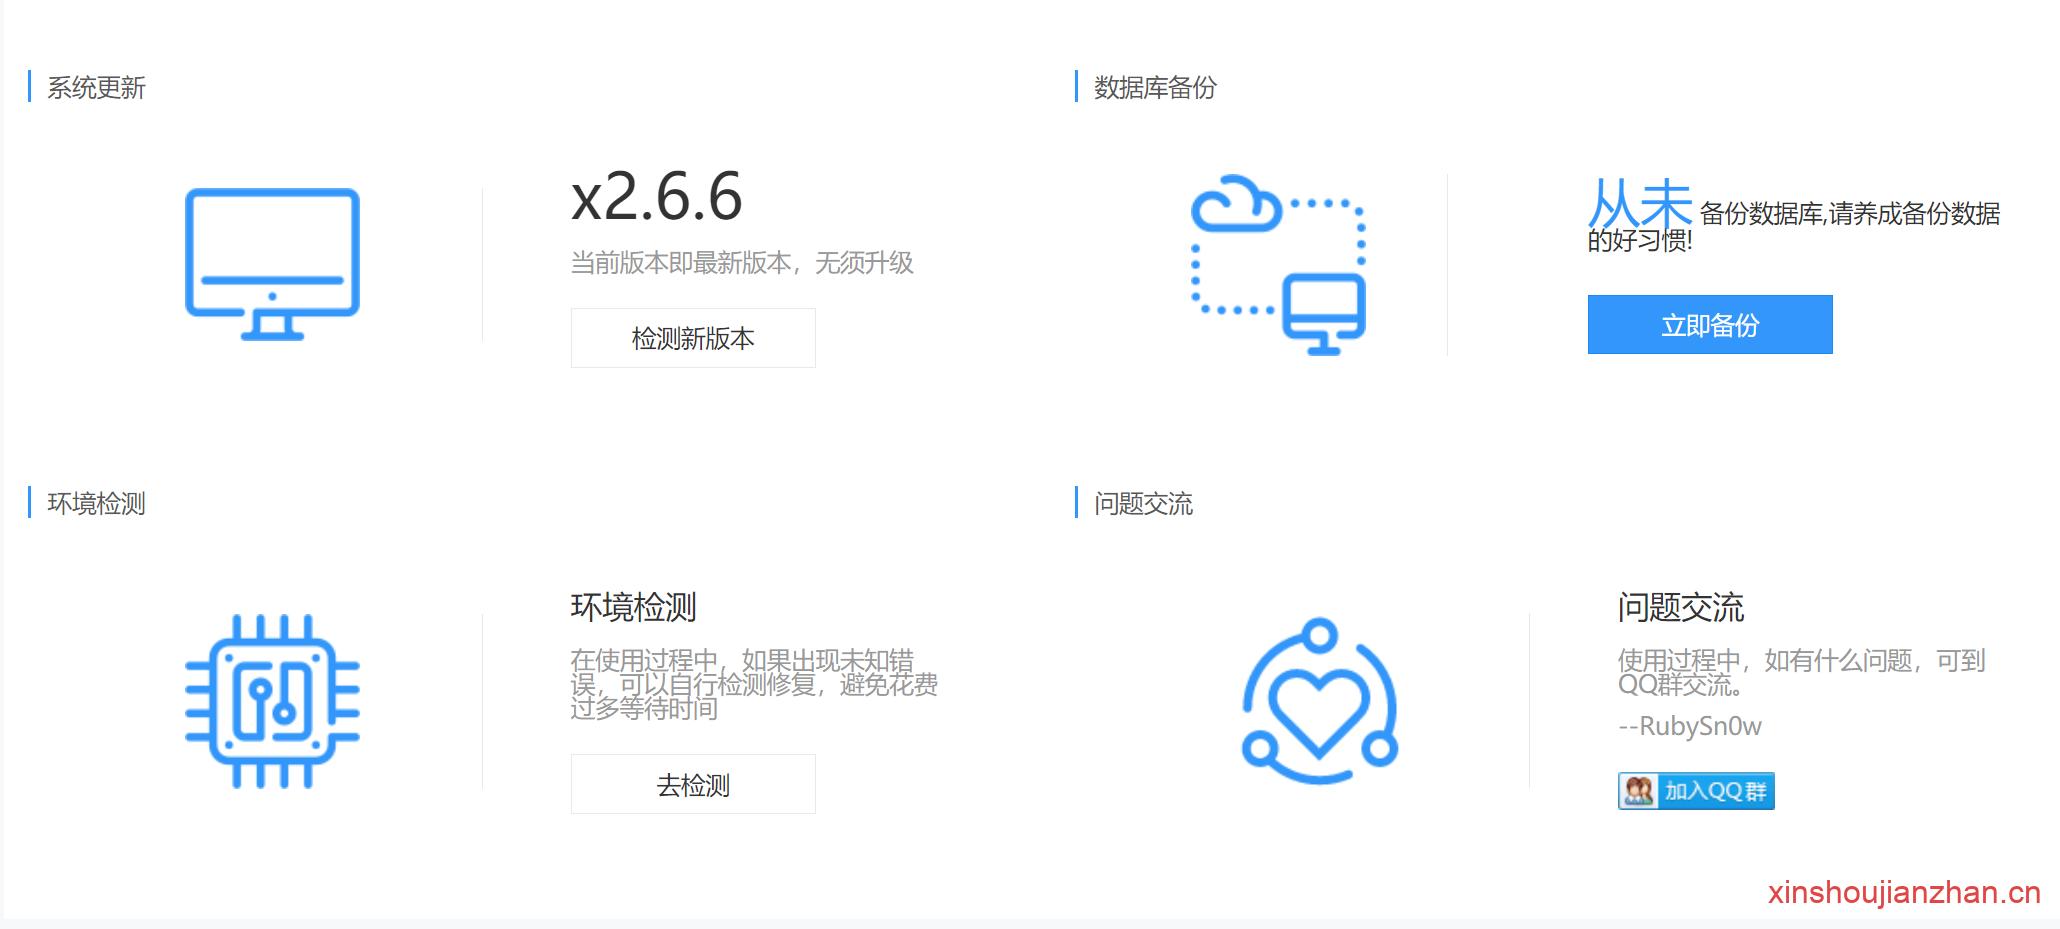 【最新版】微擎框架v2.6.6去授权一键安装纯净商业版